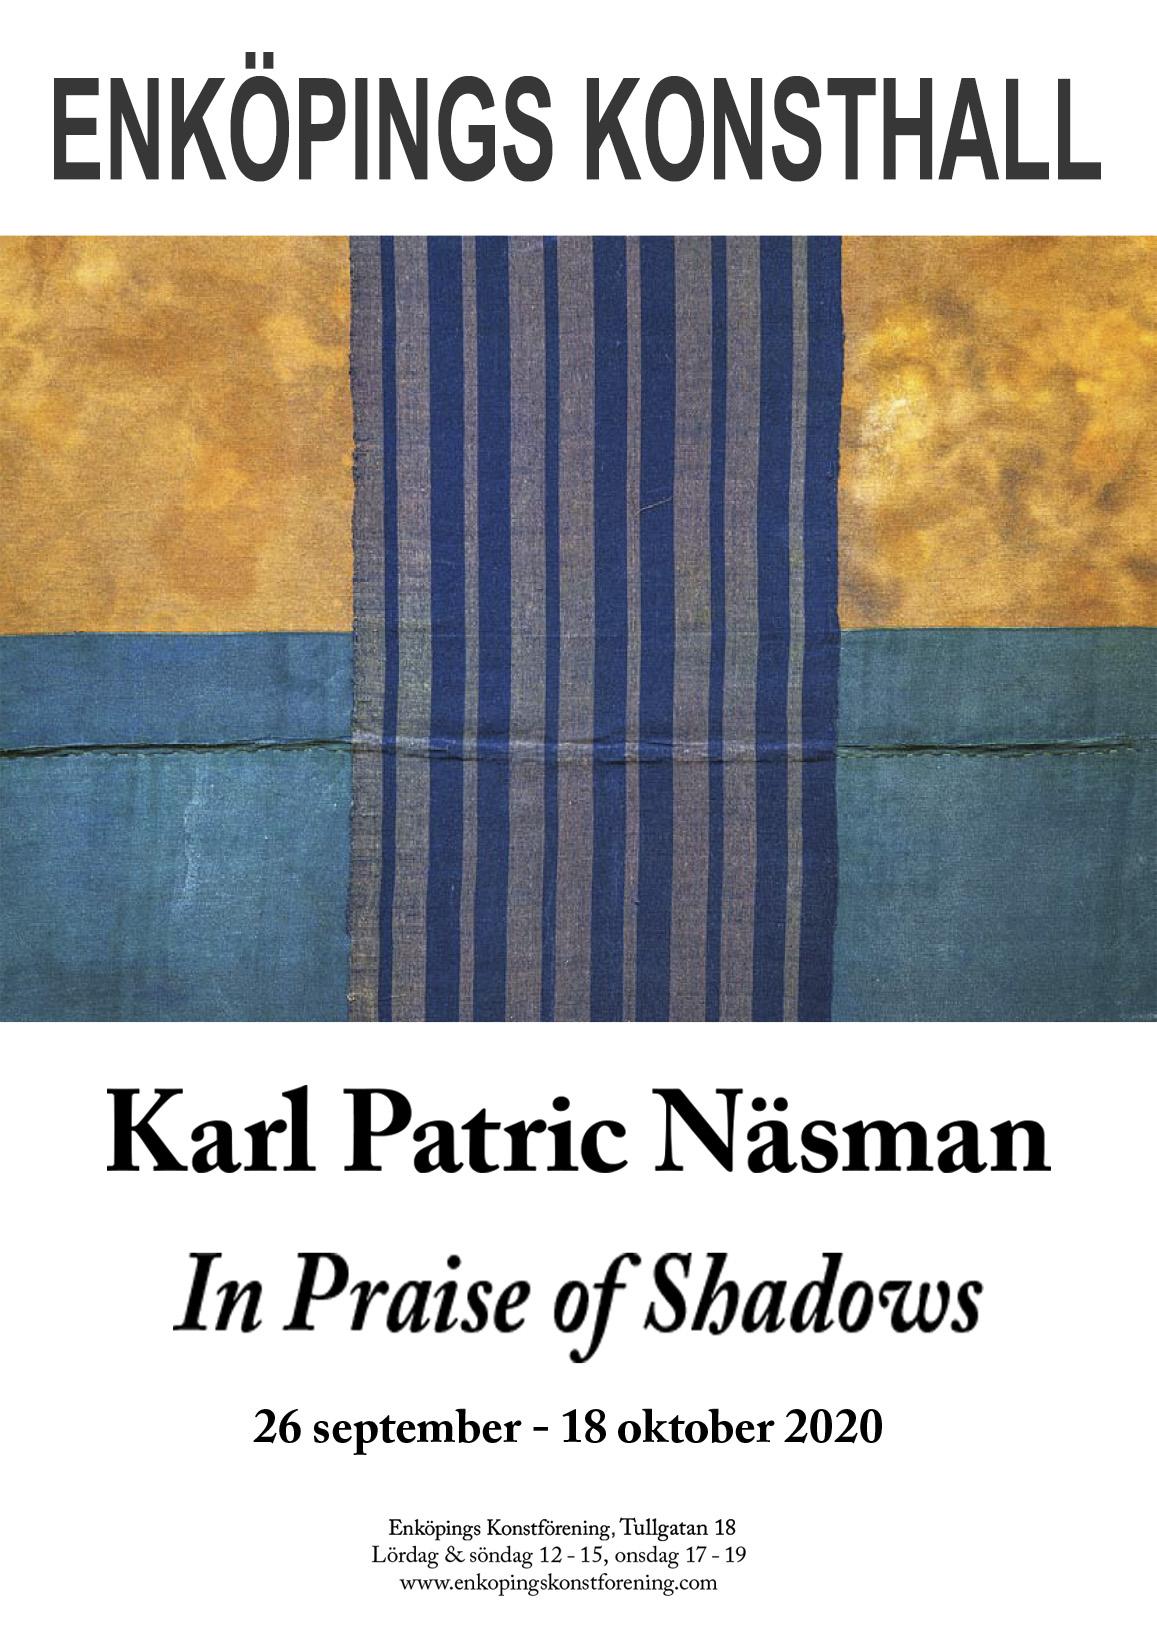 in-praise-of-shadows-enkocc88pings-konsthall-1